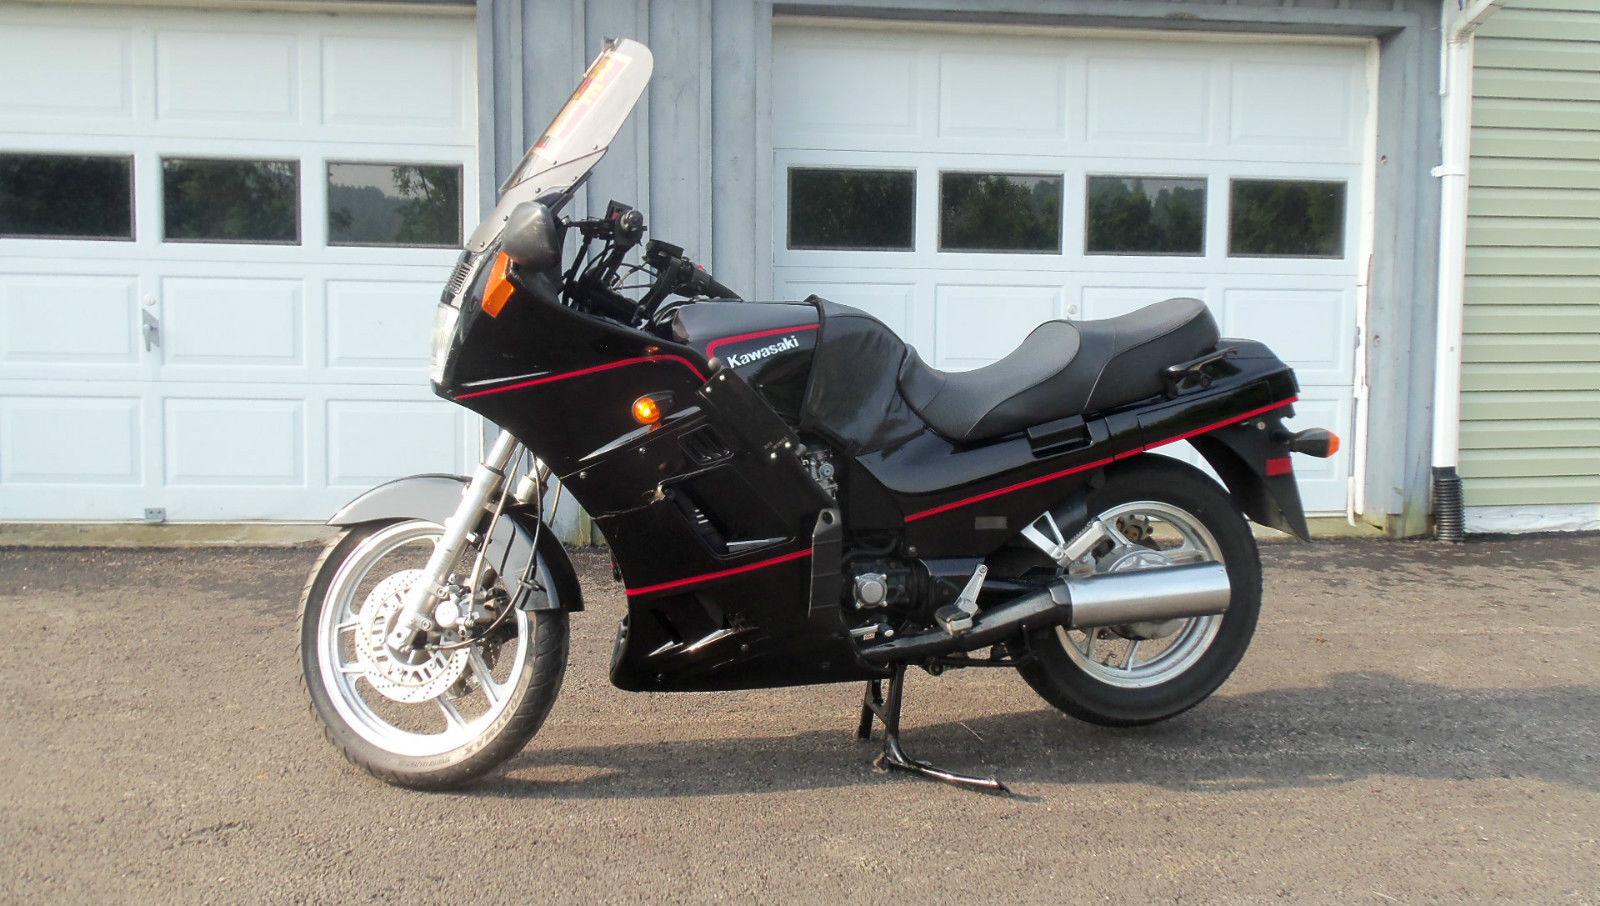 Kawasaki Concours Zg